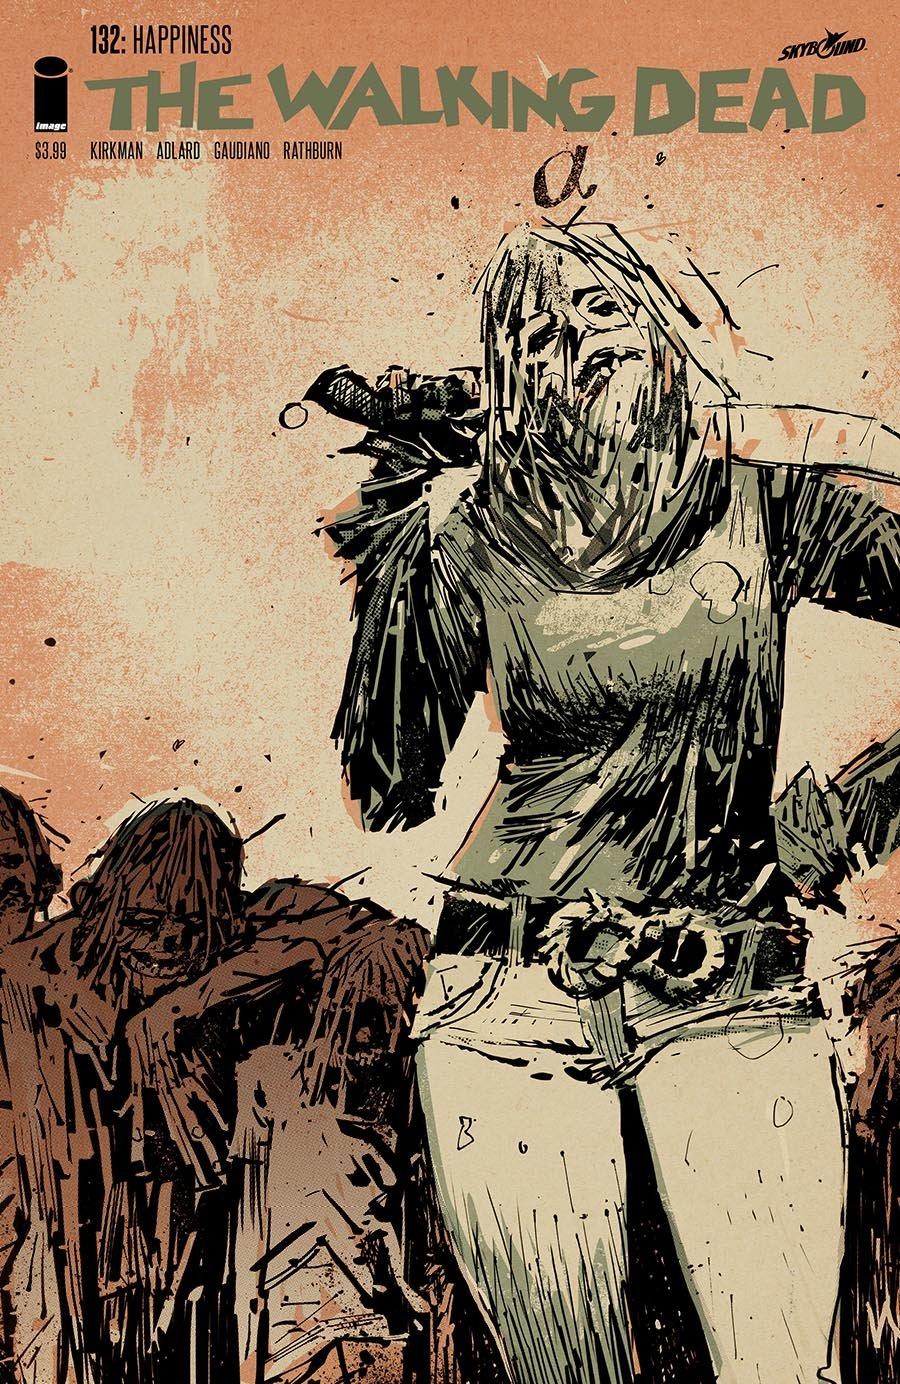 «Ходячим мертвецам» 15лет! Комикс отмечает юбилей обложками с самыми яркими сценами | Канобу - Изображение 9748